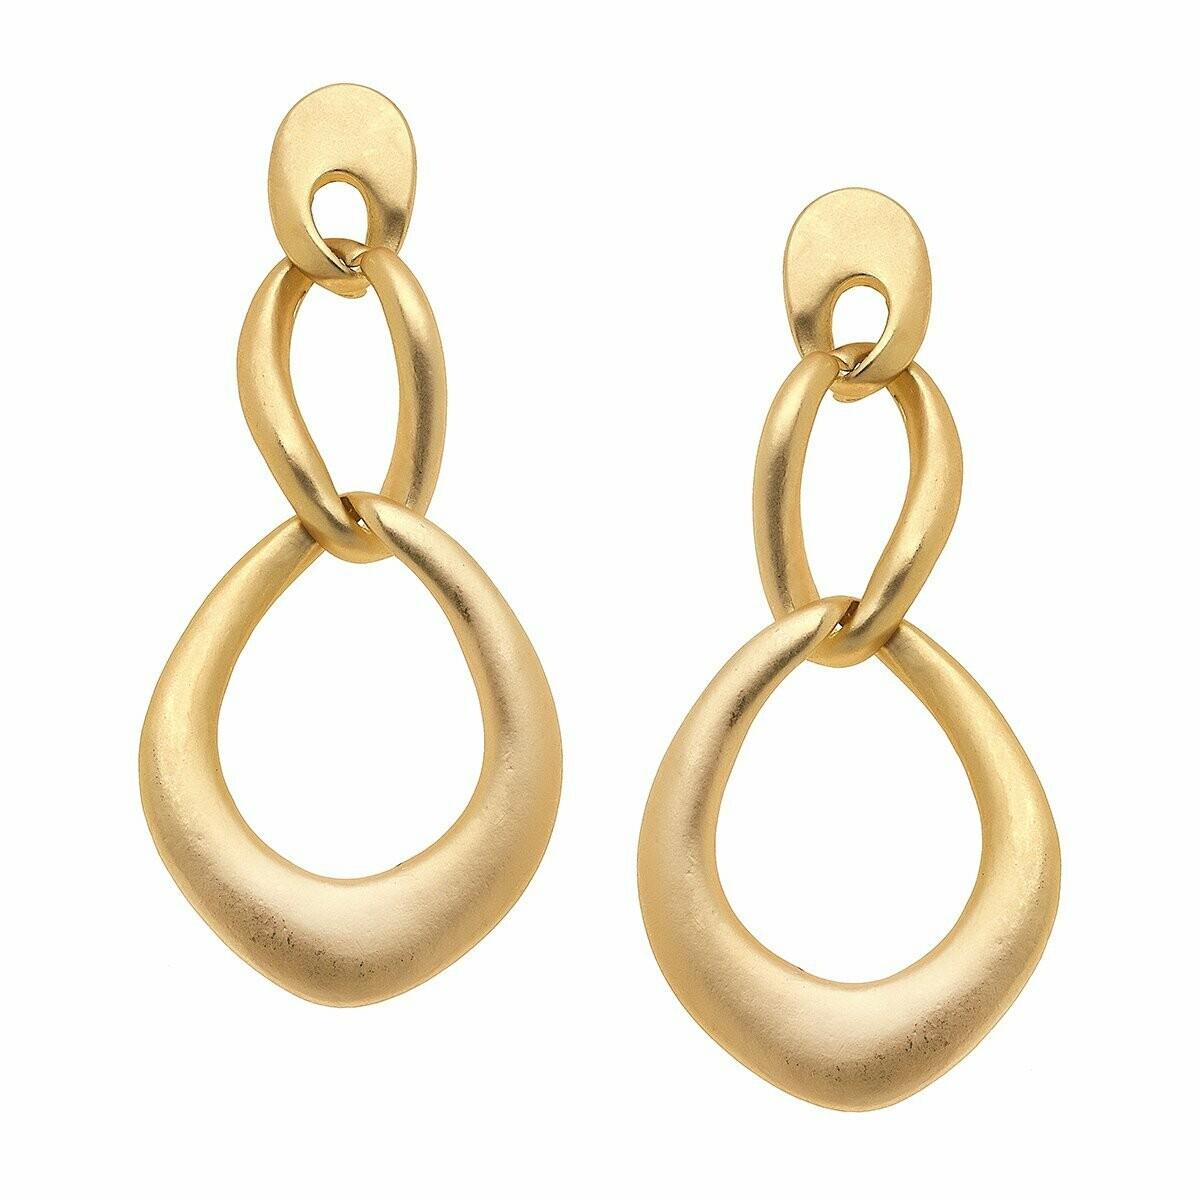 Celine Drop Earrings in Matte Gold